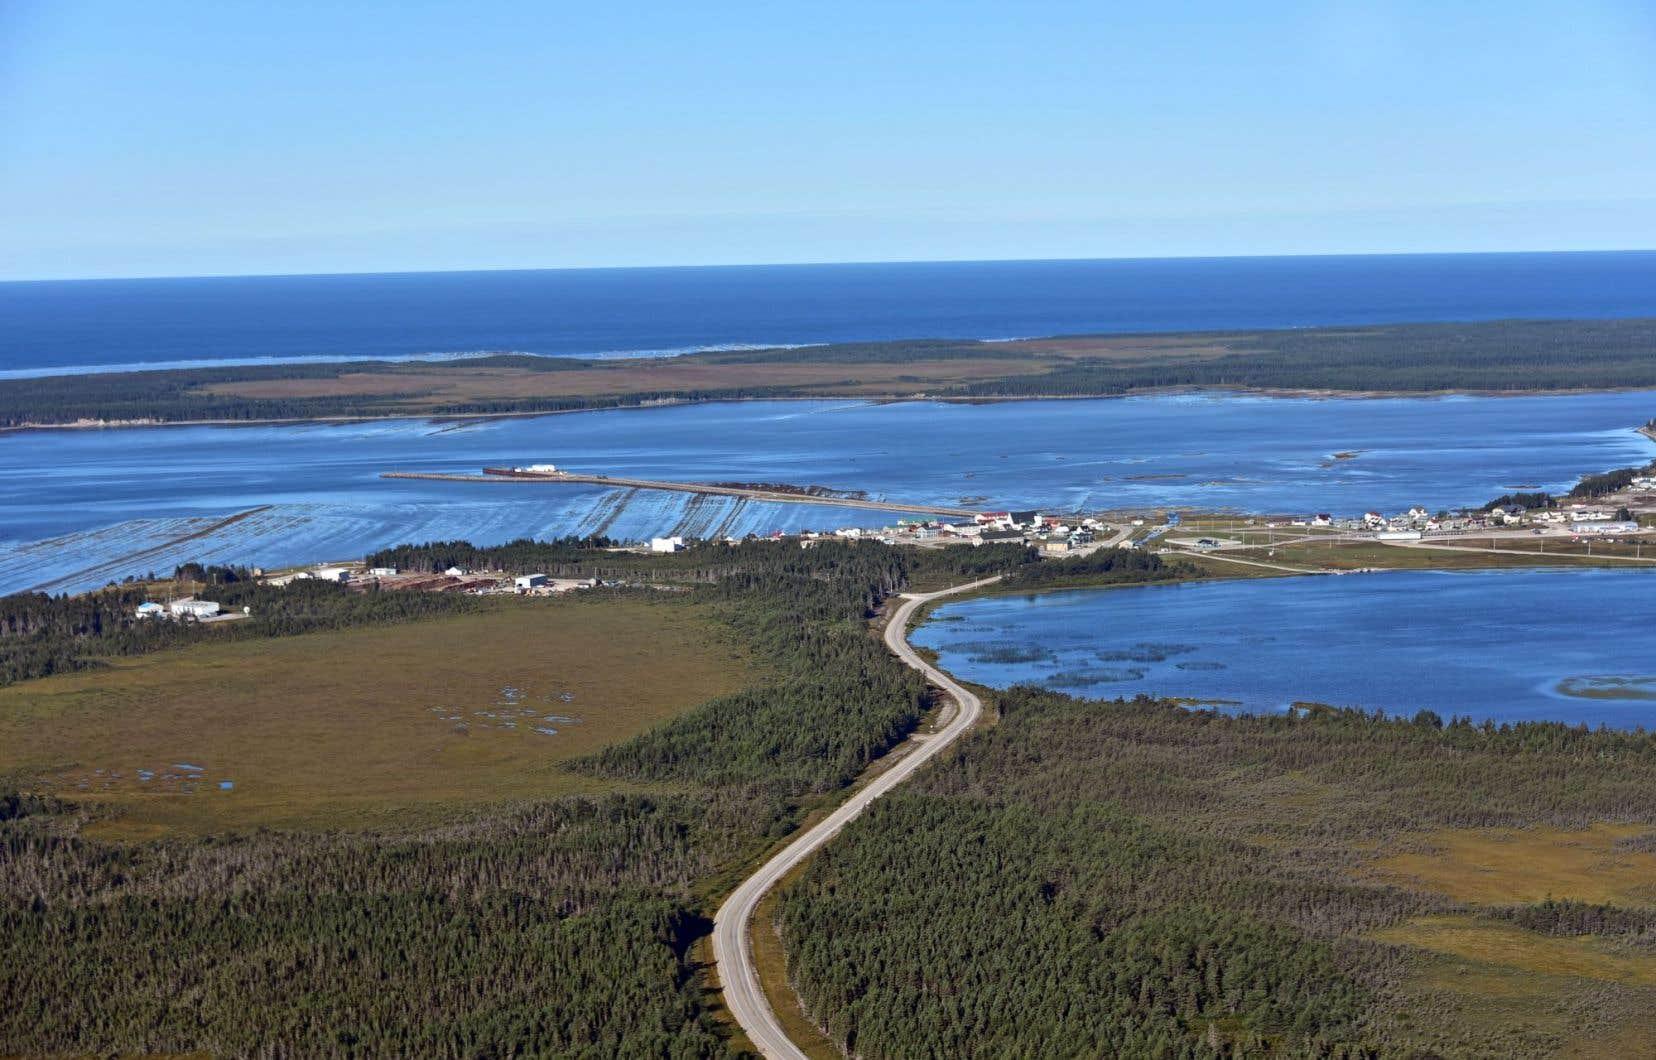 Québec a promis de mettre fin à tous les projets de recherche d'énergies fossiles et de protéger intégralement l'île d'ici 2020. Il pourrait pour cela devoir négocier avec Junex.